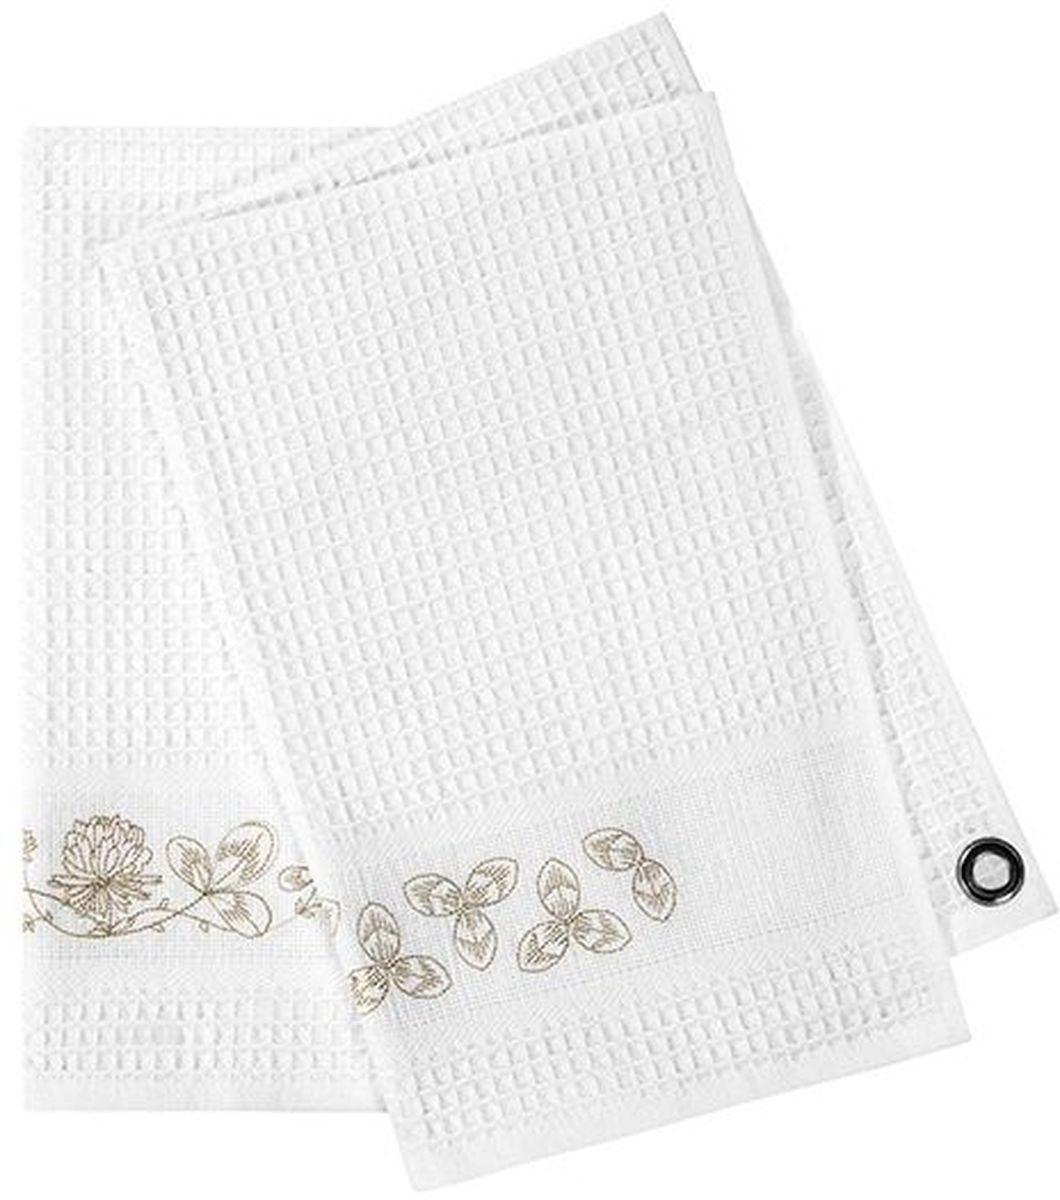 где купить {} Togas Кухонное полотенце Идиллия Цвет: Белый (45х70 см - 2 шт) по лучшей цене